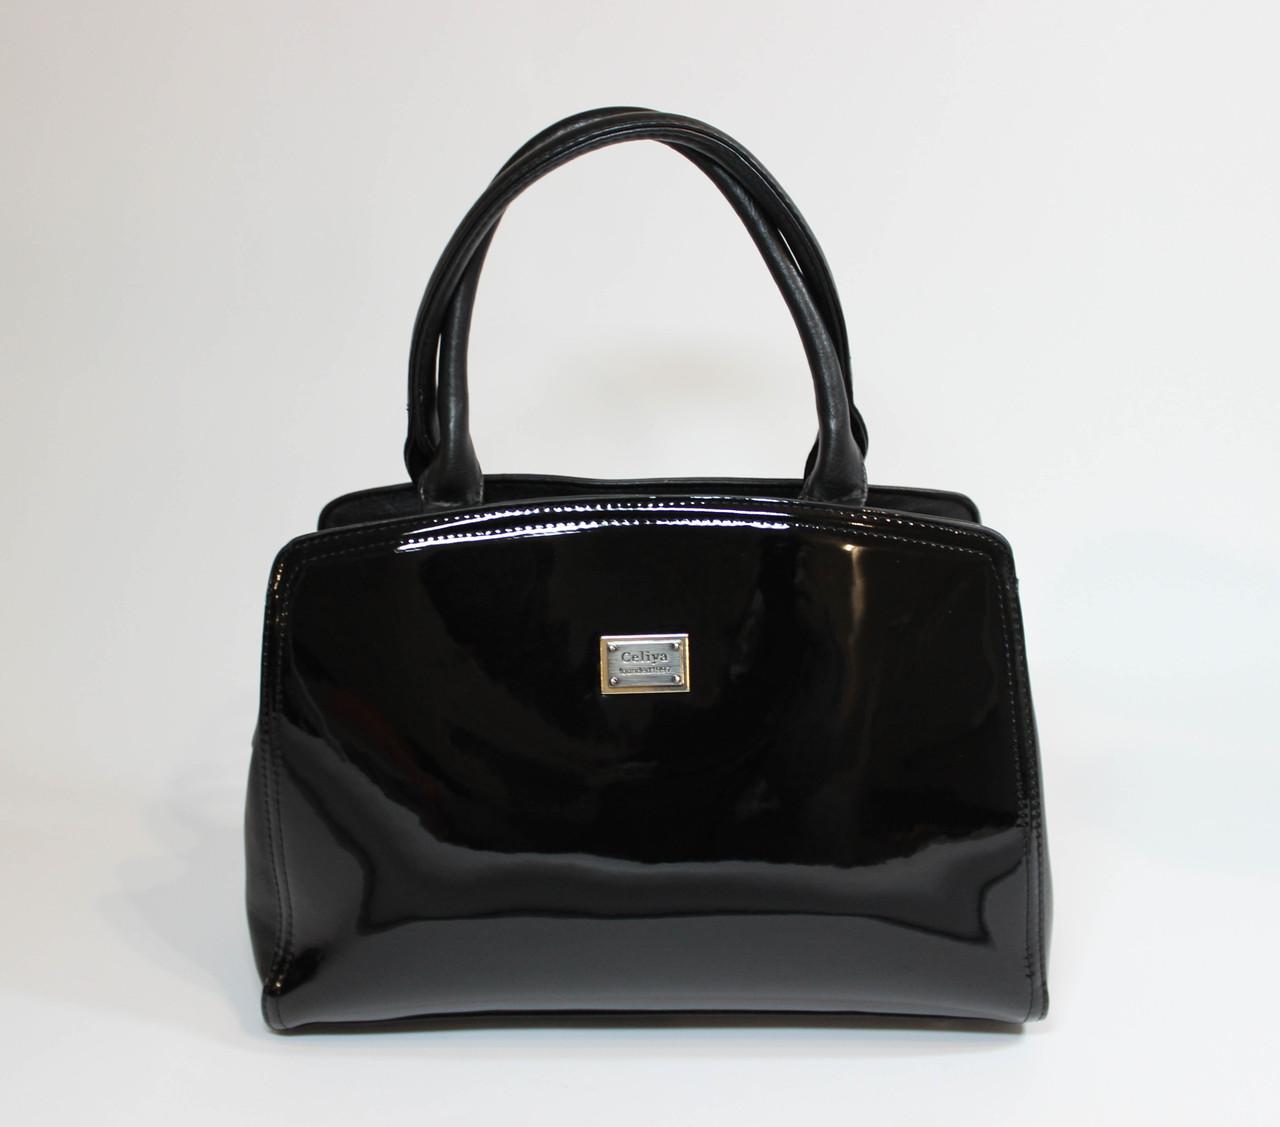 ab4133b1bf86 Красивая женская лаковая сумка 71374 - Komodd - Женские сумки,рюкзачки,спортивные  сумки в